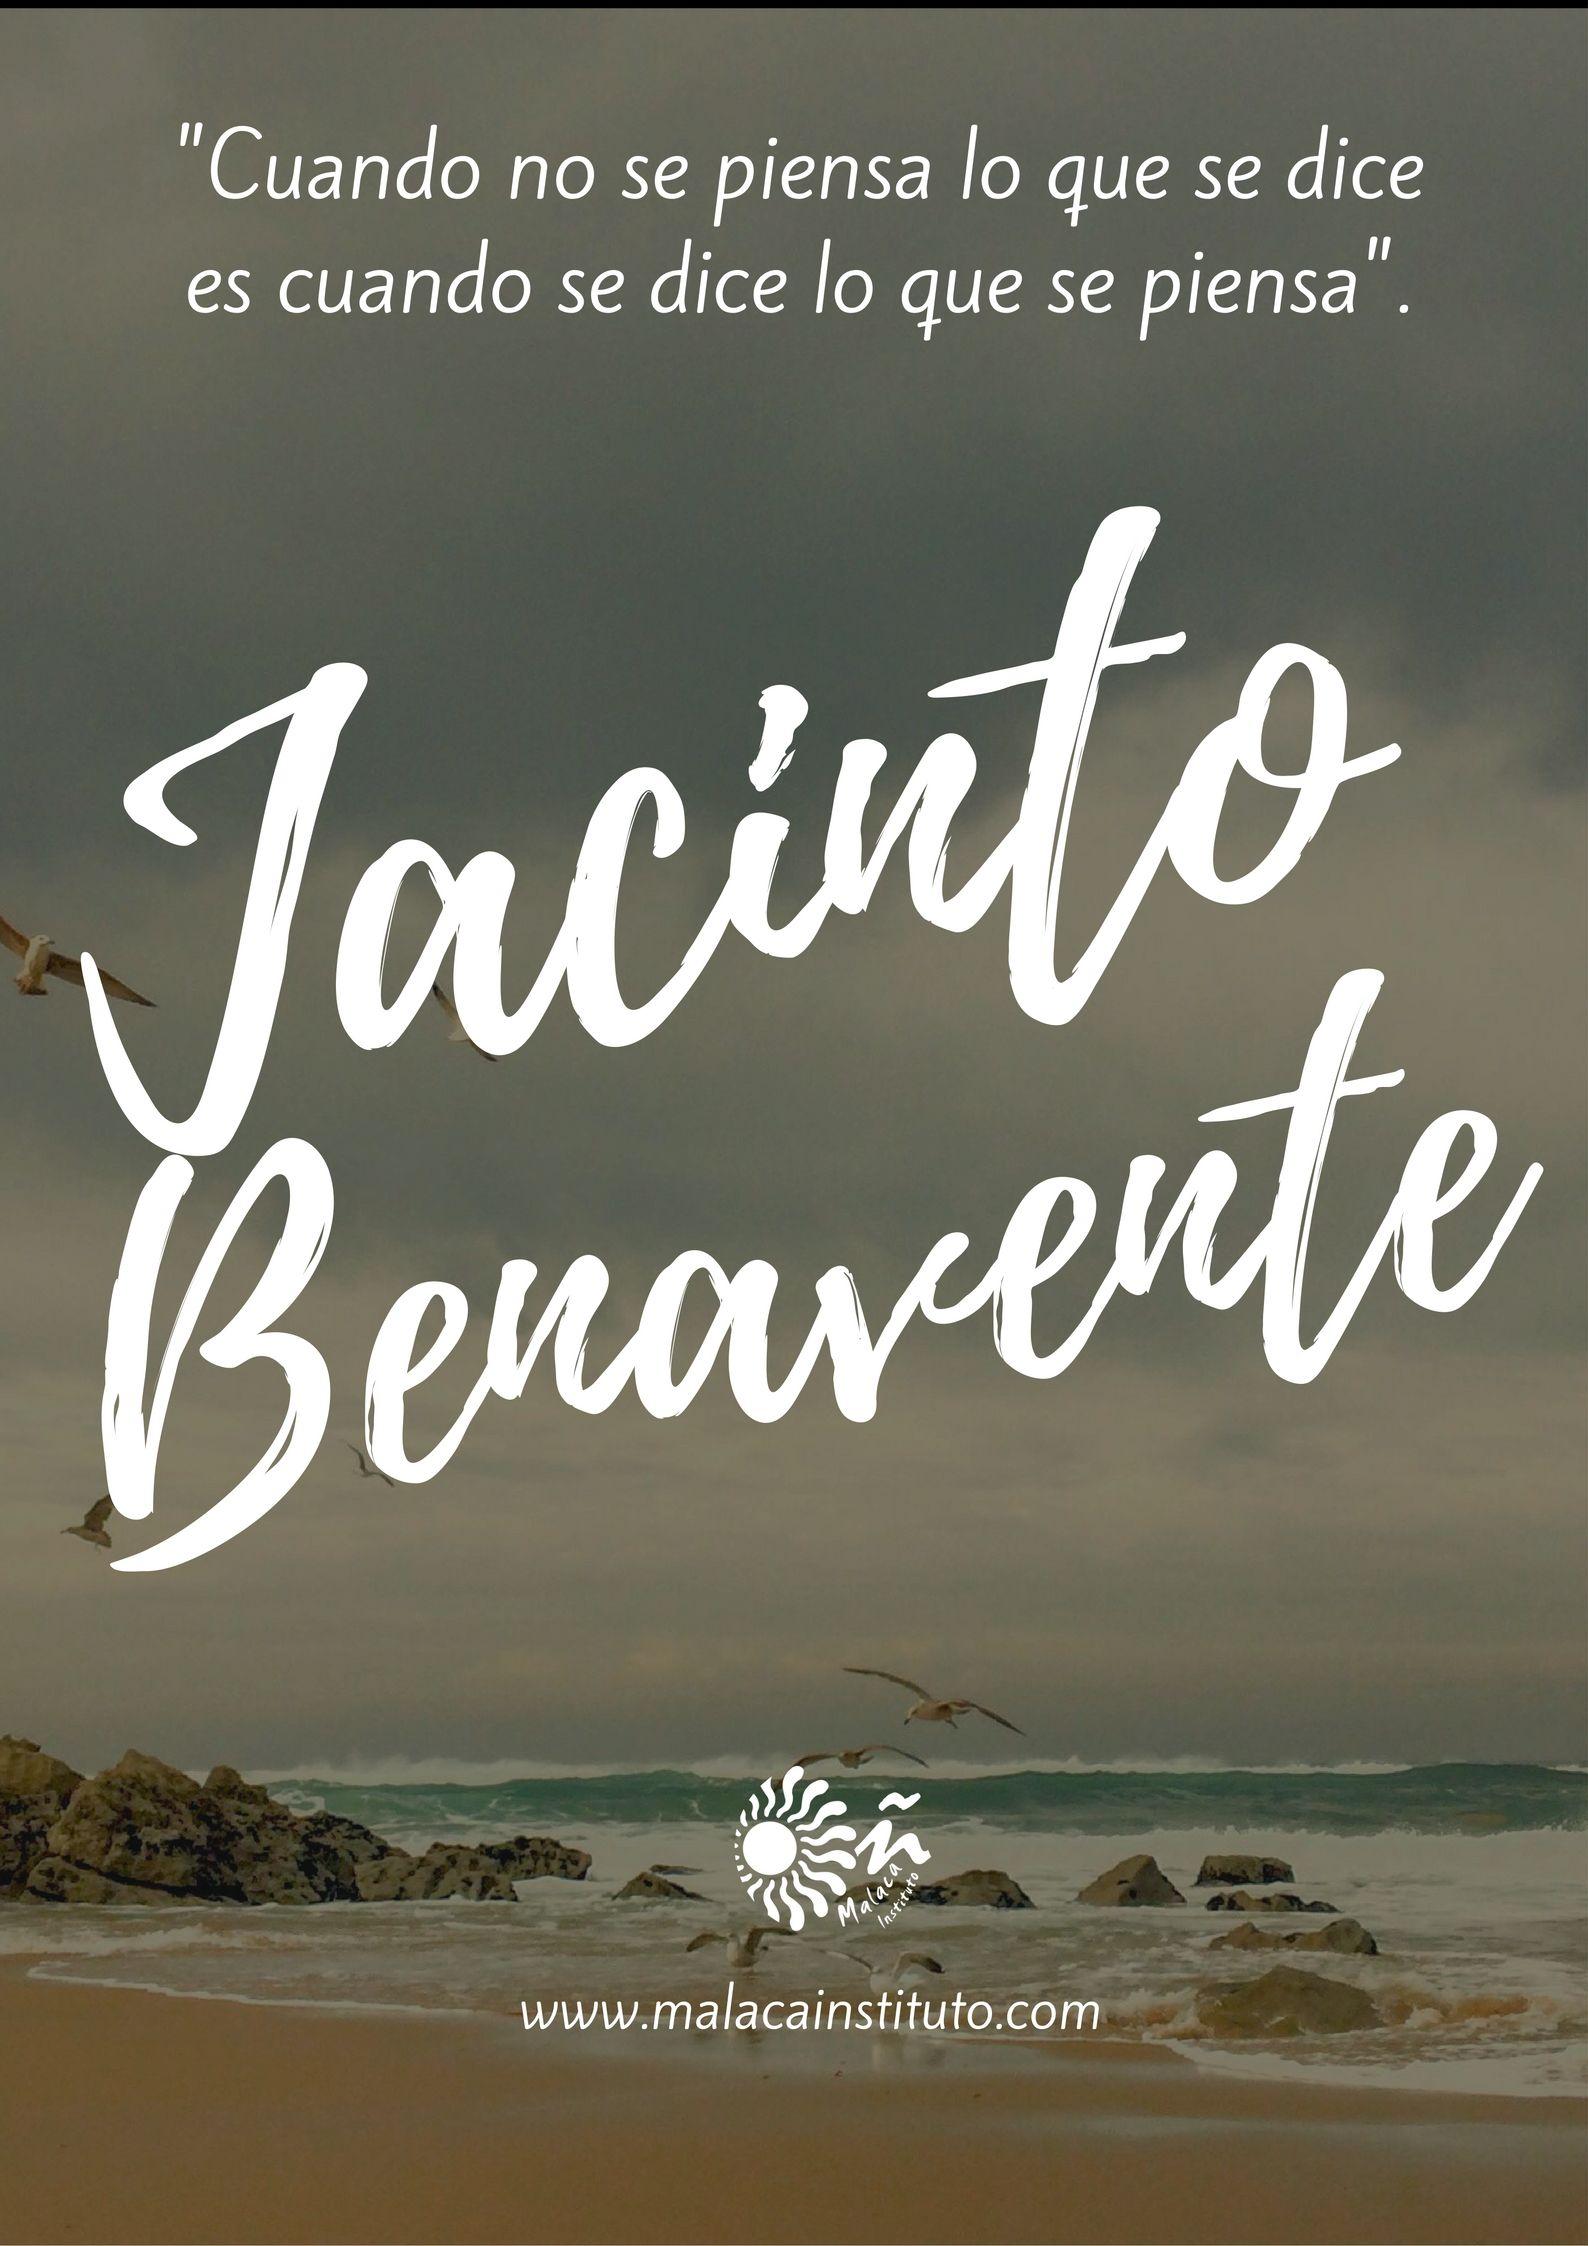 Frases Célebres De Escritores Españoles Jacinto Benavente